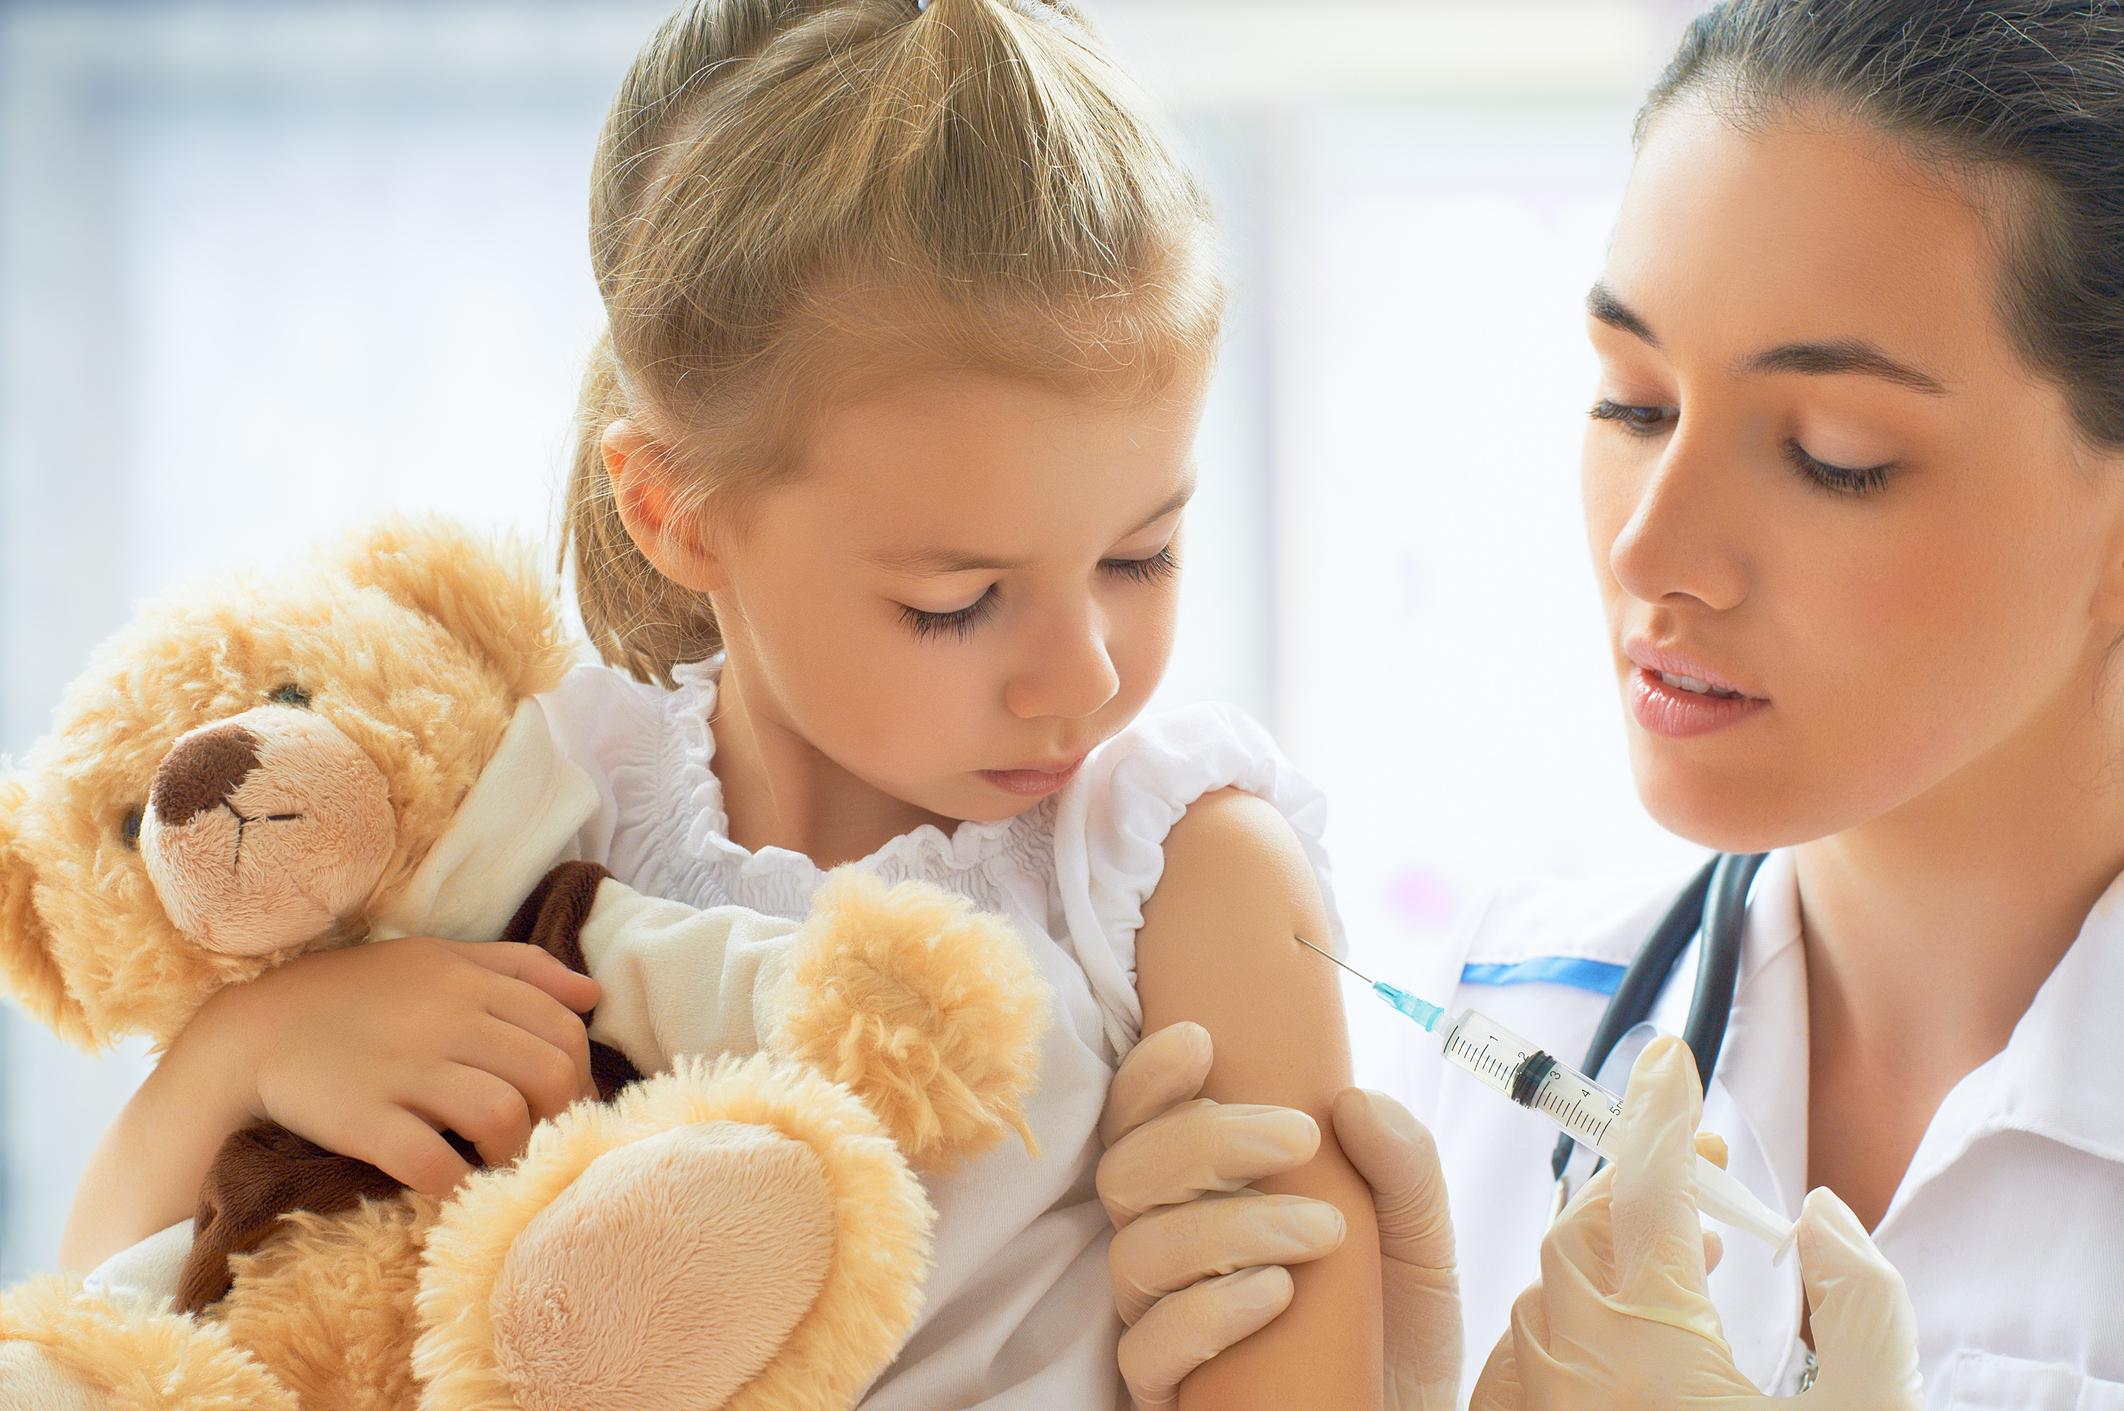 Дитина боїться уколів: 7 порад, які допоможуть батькам